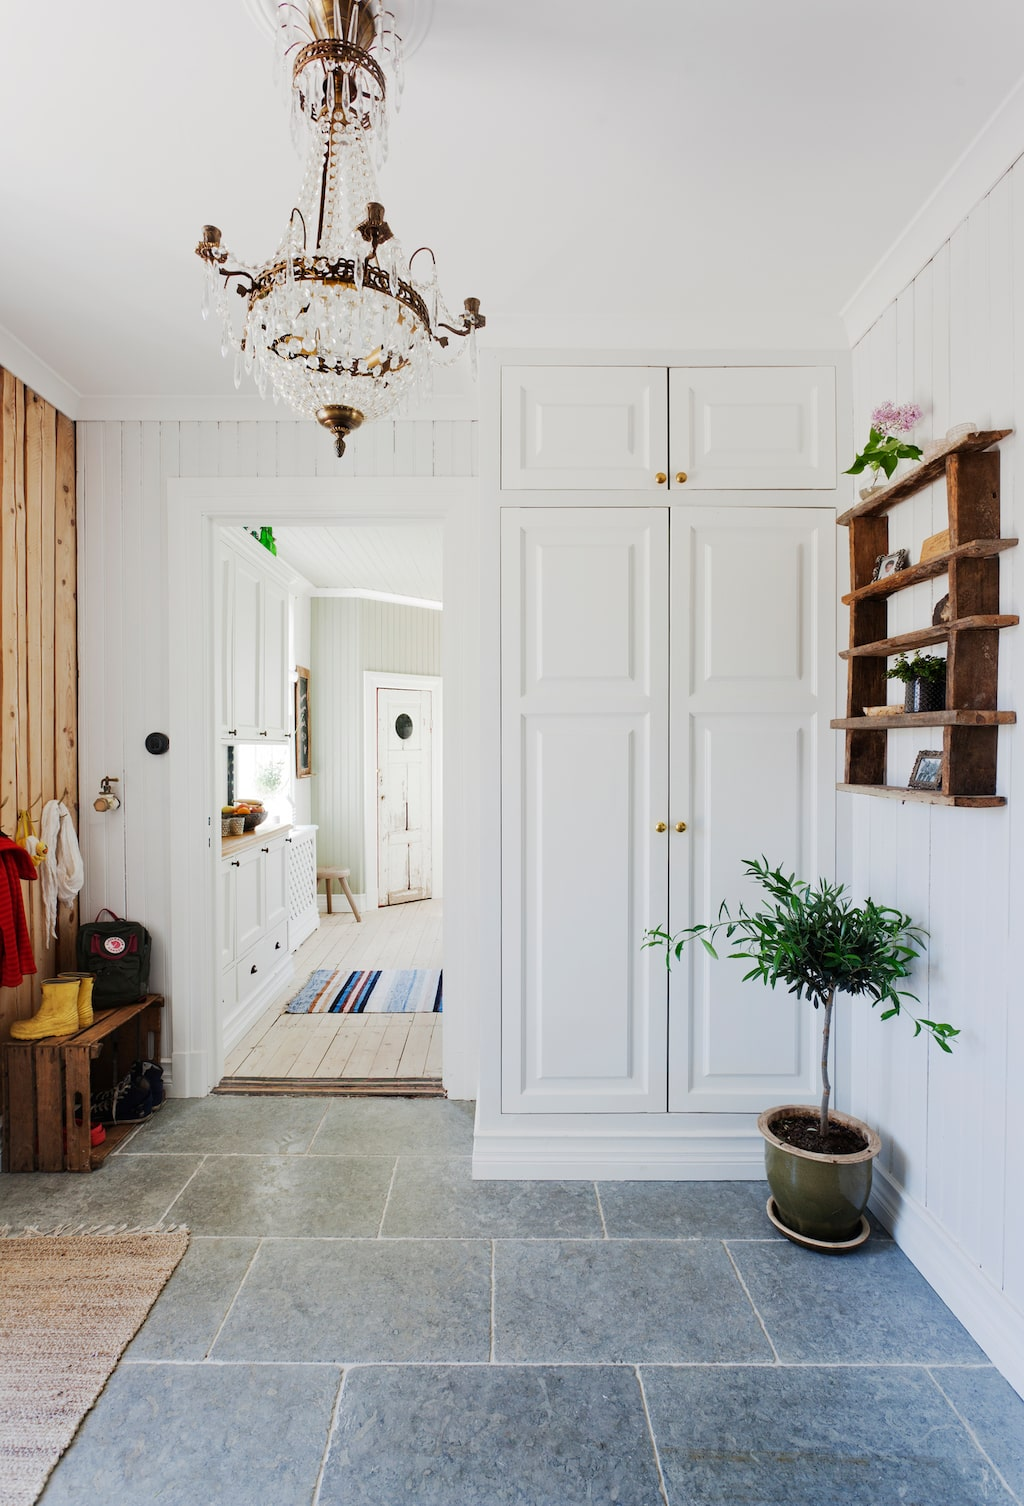 Förvaringen för ytterkläder och skor är byggd av Johan. Stengolvet kommer från Stiltje, takkronan från Auktion 3 och hyllan från auktion. En gammal trälåda har blivit skohylla till barnen.